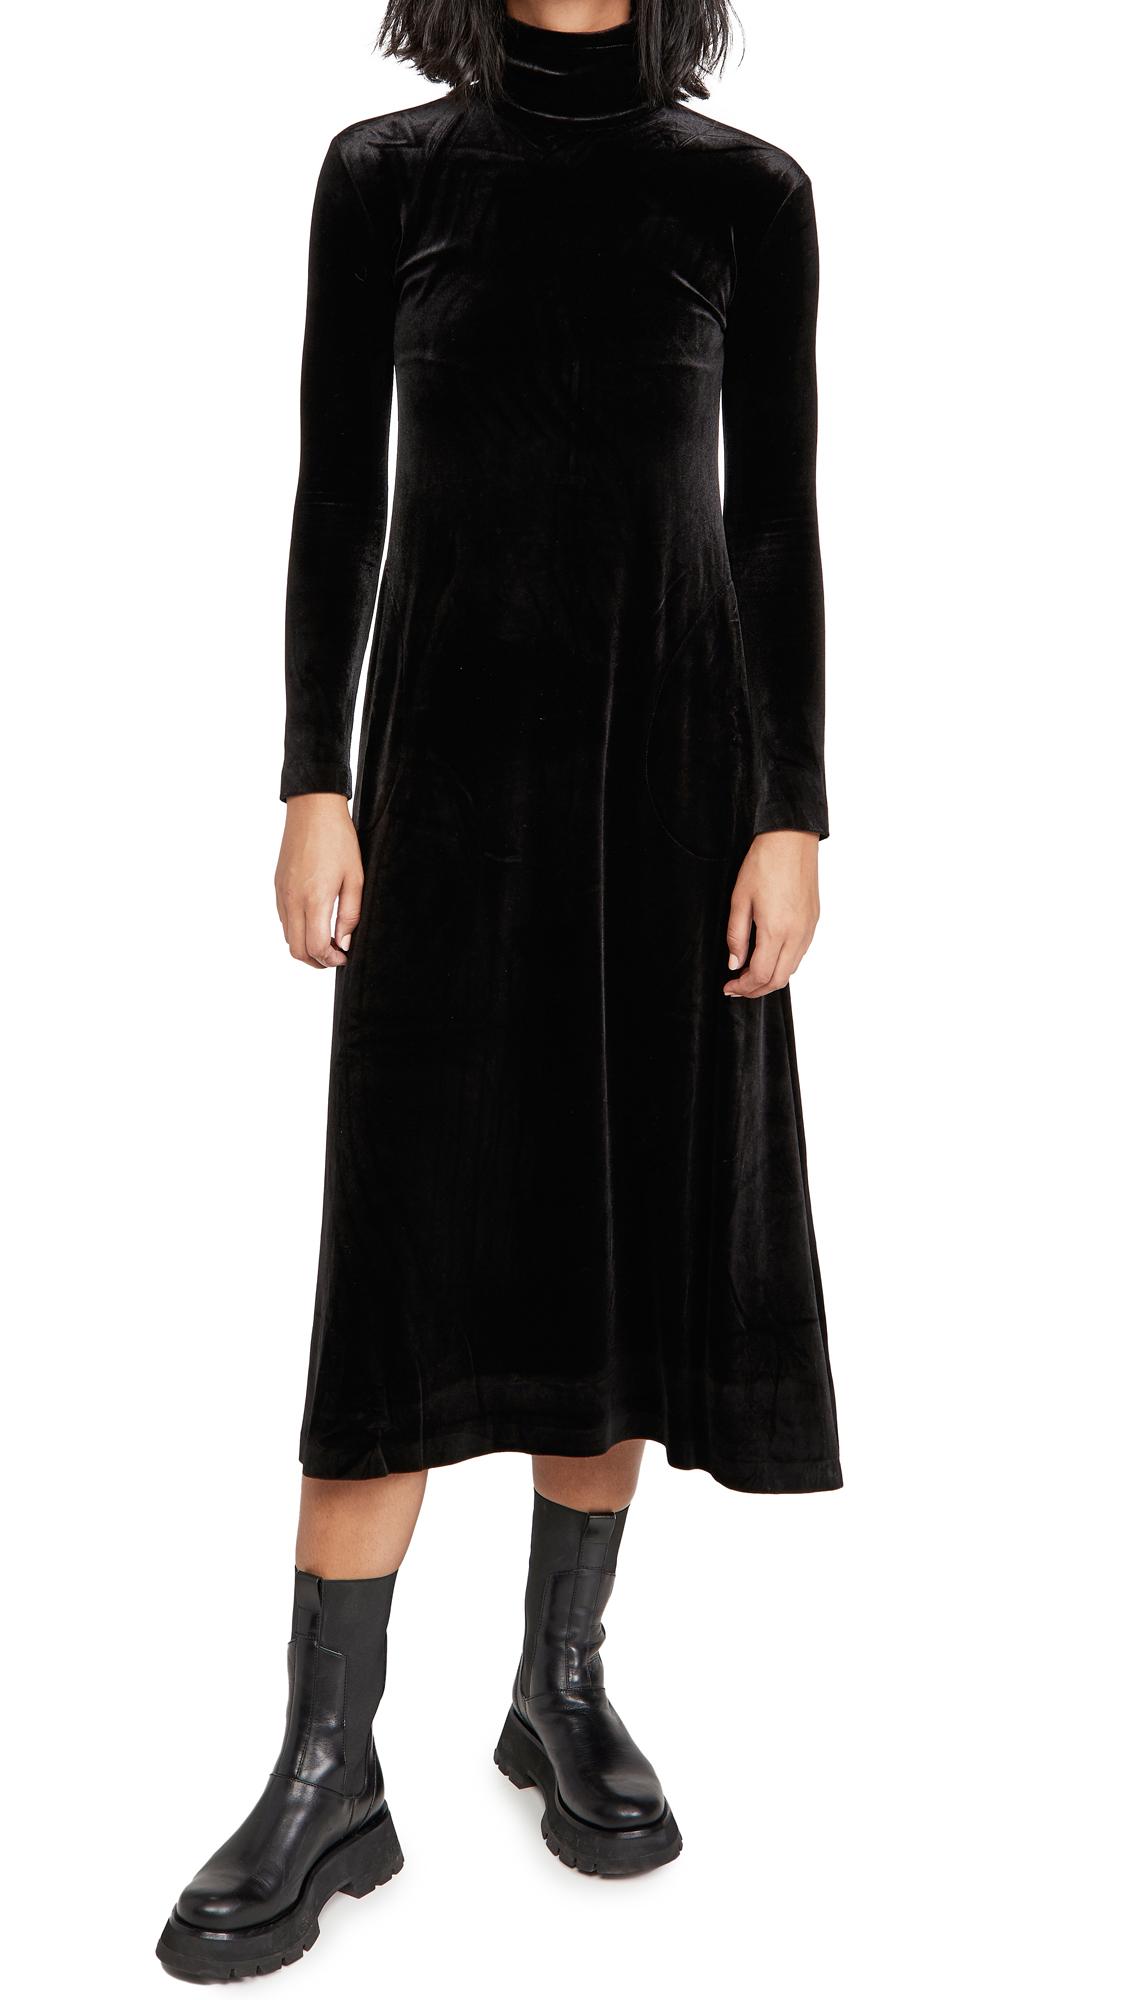 Norma Kamali Long Sleeve Turtleneck Swing Dress